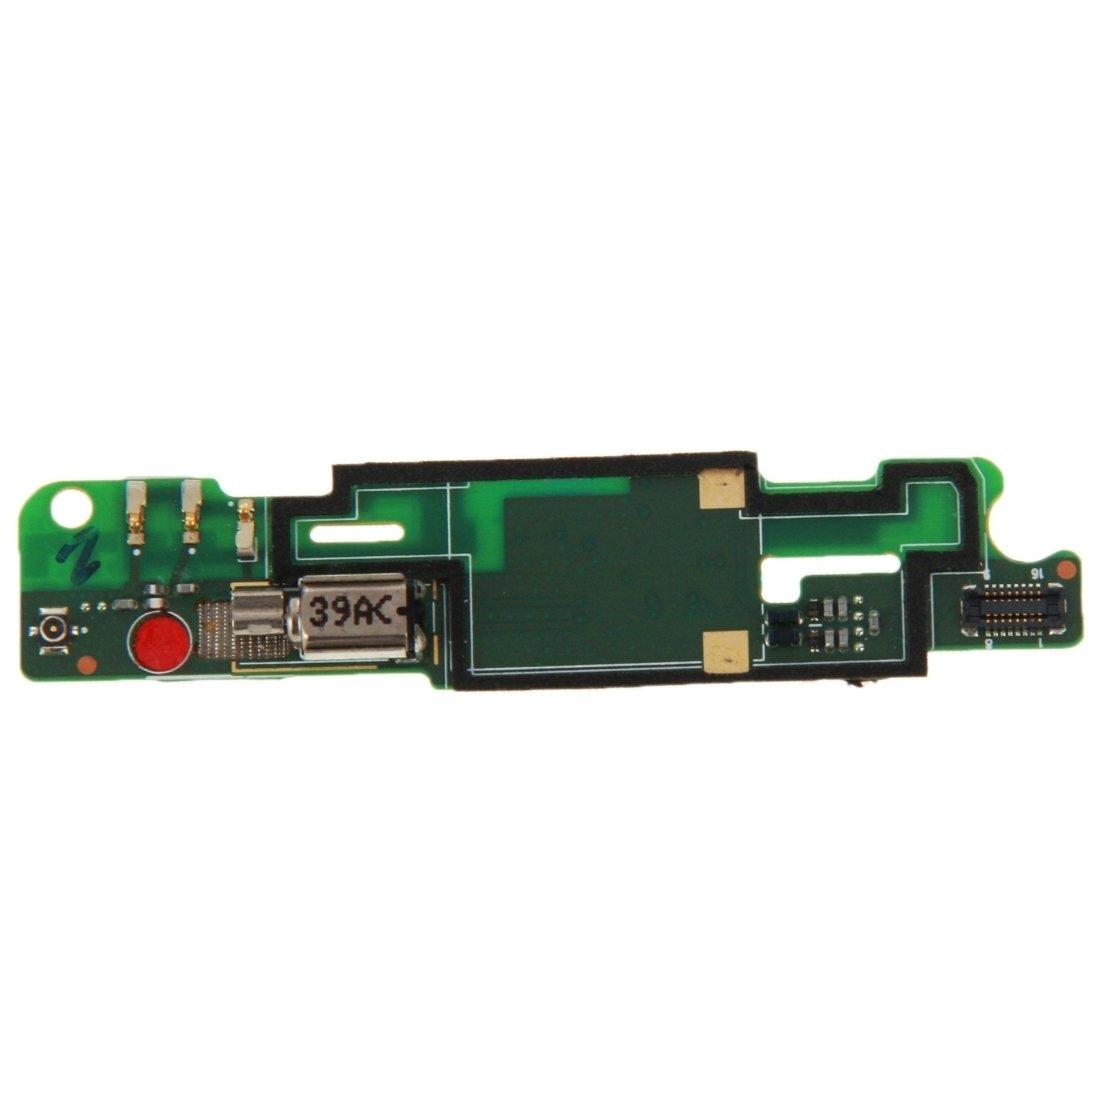 Cellphone Replacement Parts Repuestos para celulares IPartsBuy Tablero de Teclado Vibrante para Sony Xperia L / S36h Repuestos para celulares: Amazon.es: ...